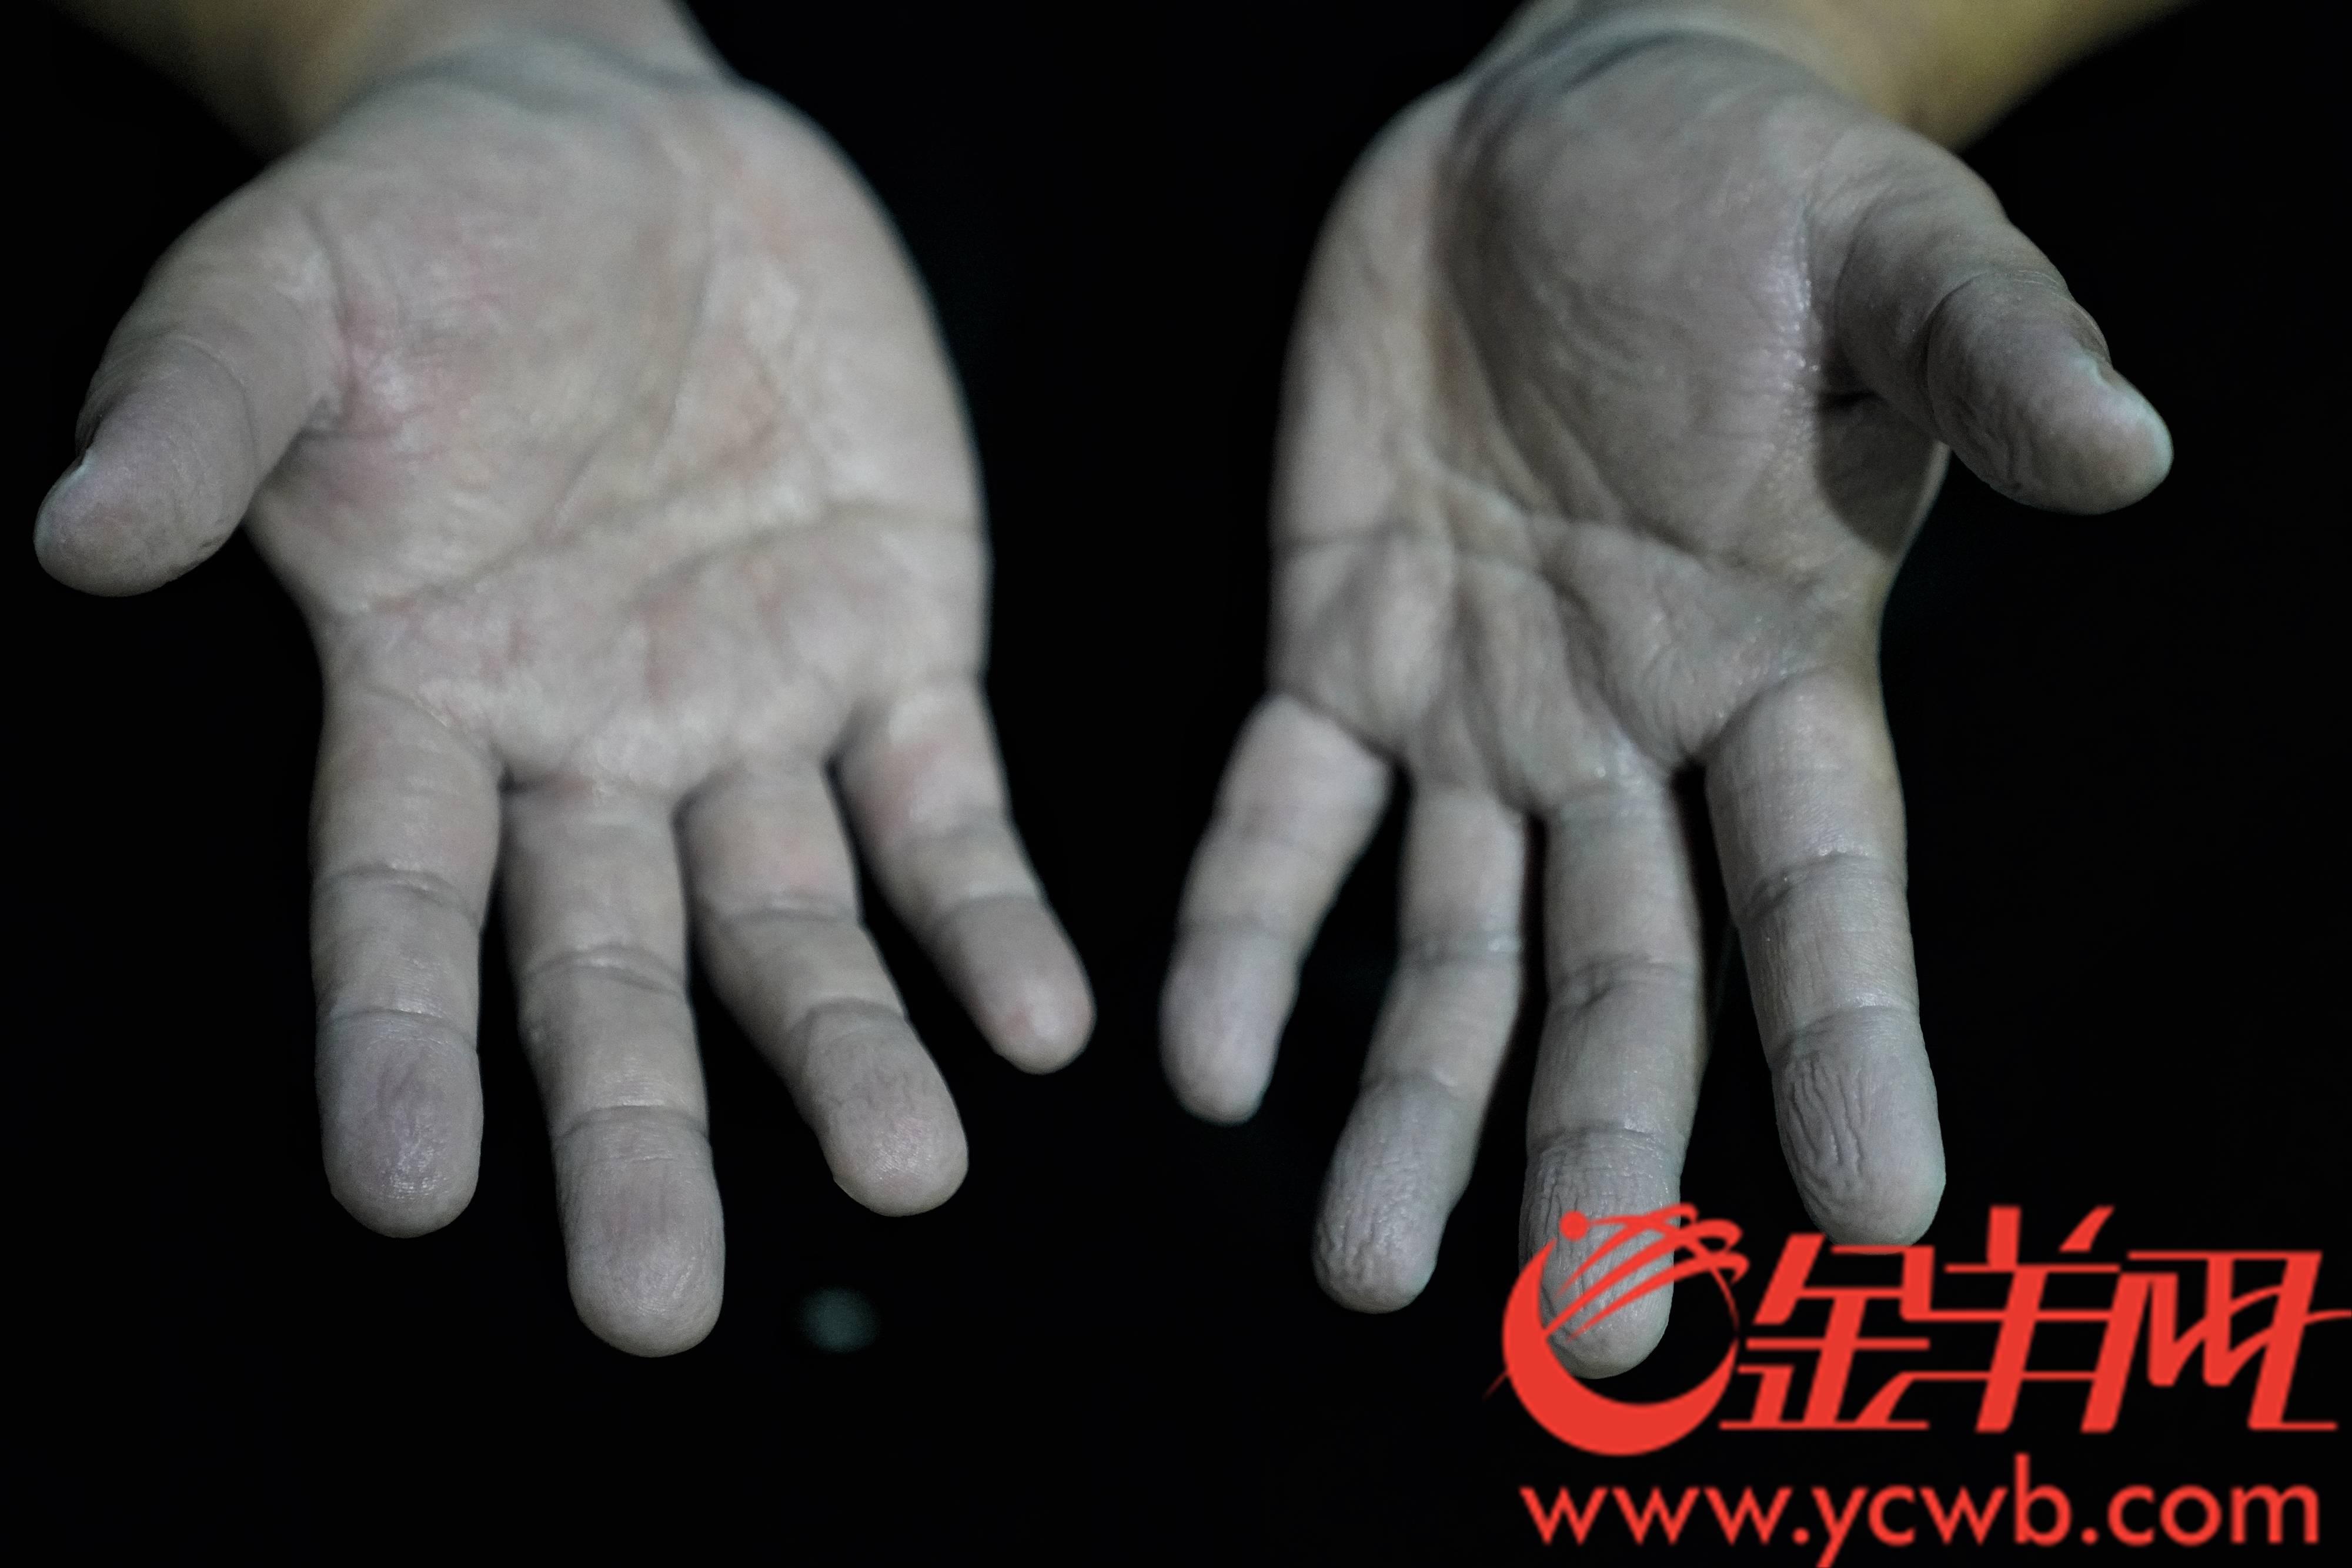 图为长时间戴橡胶手套,擦拭消毒液后,一名医务人员的双手。